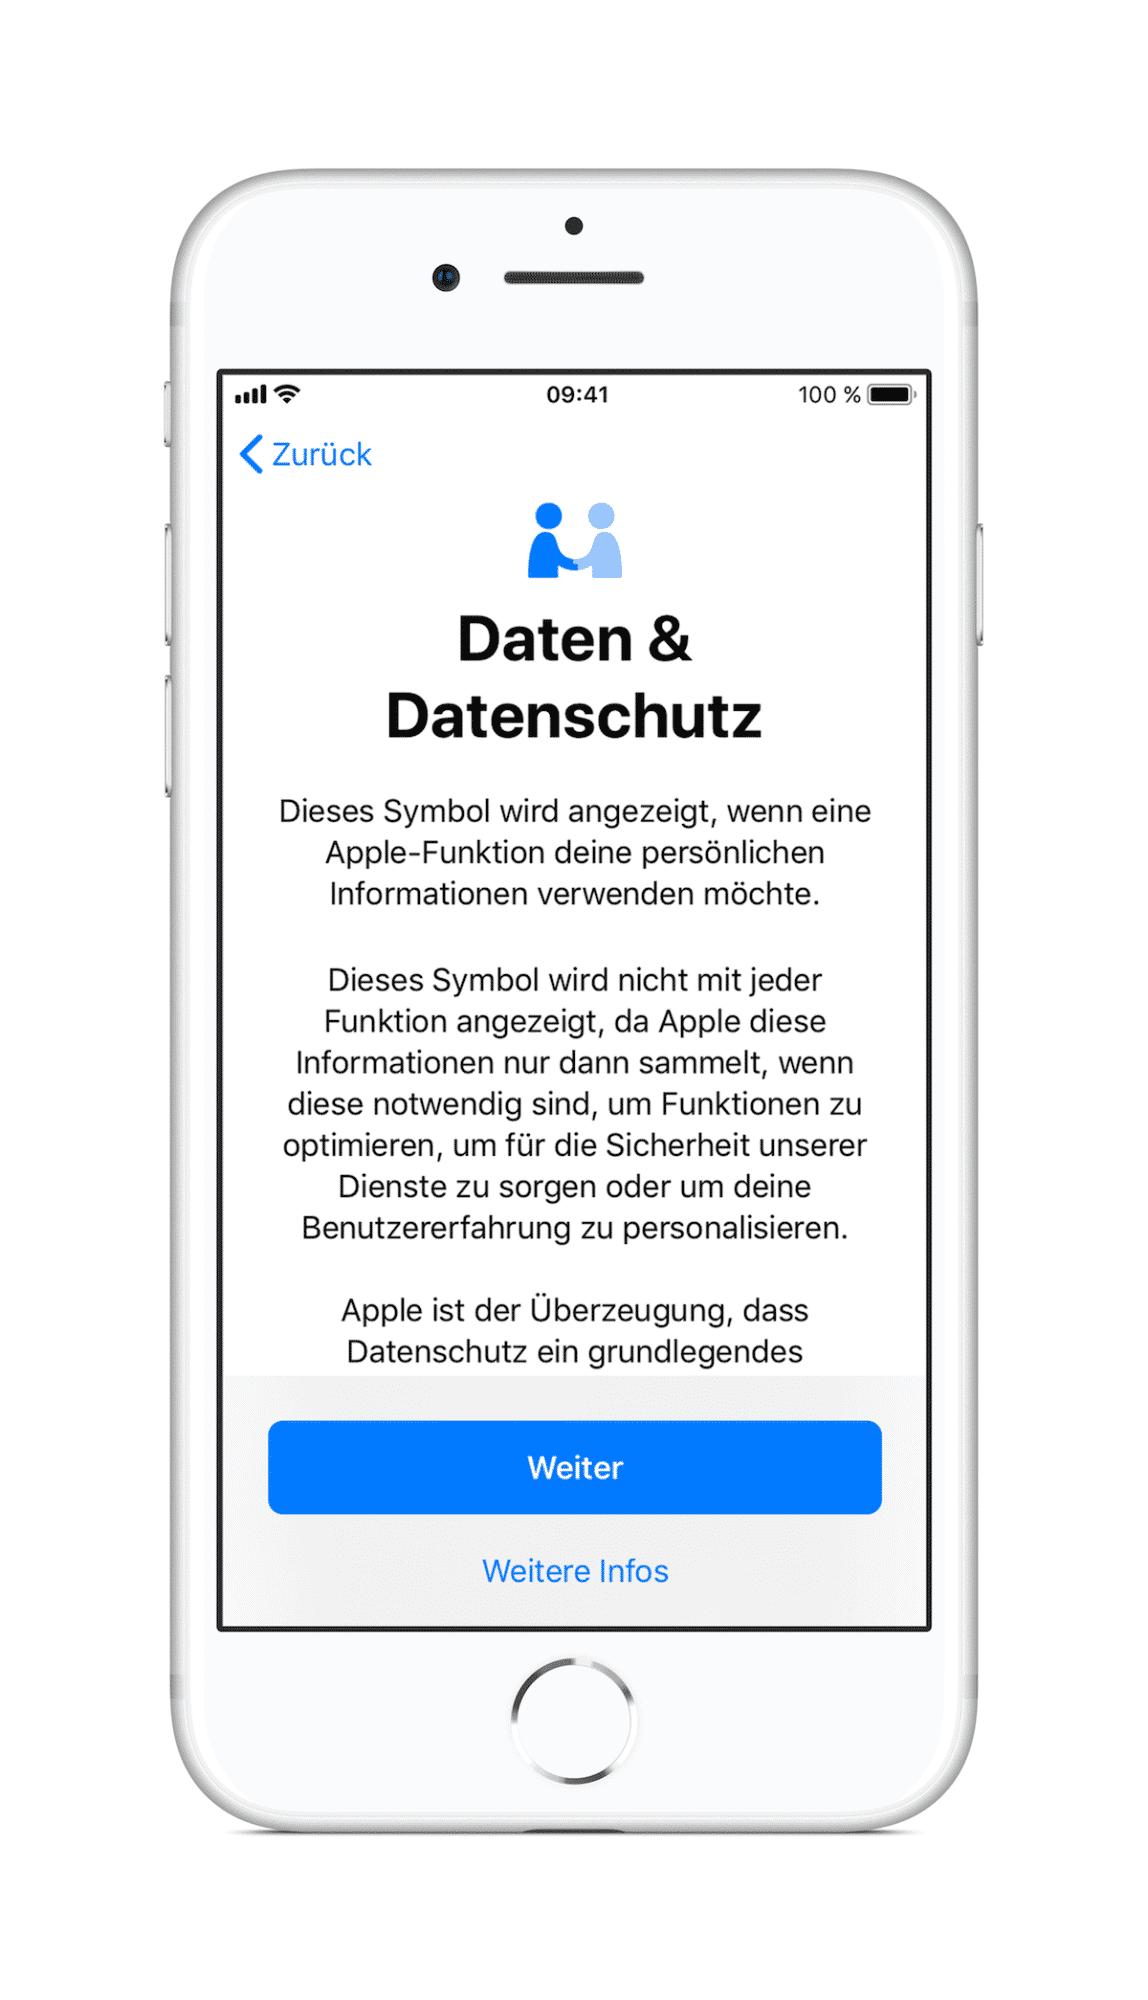 Nach dem Update auf iOS 11.3 erscheint ein Dialog, der auf das neue Logo hinweist und seine Bedeutung erklärt.